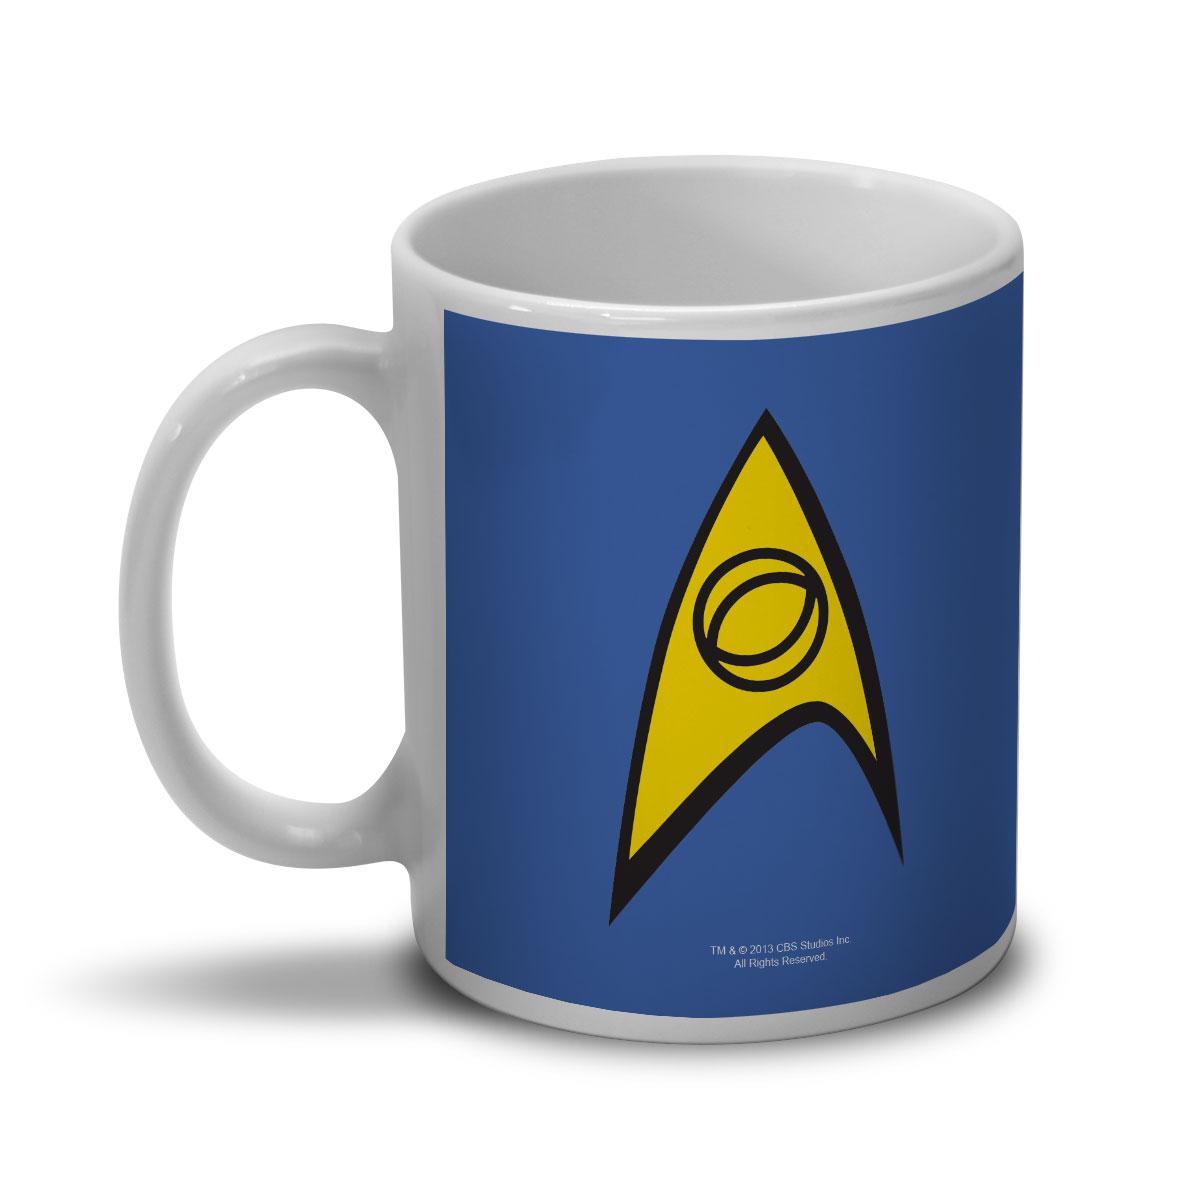 Caneca Star Trek Command Blue